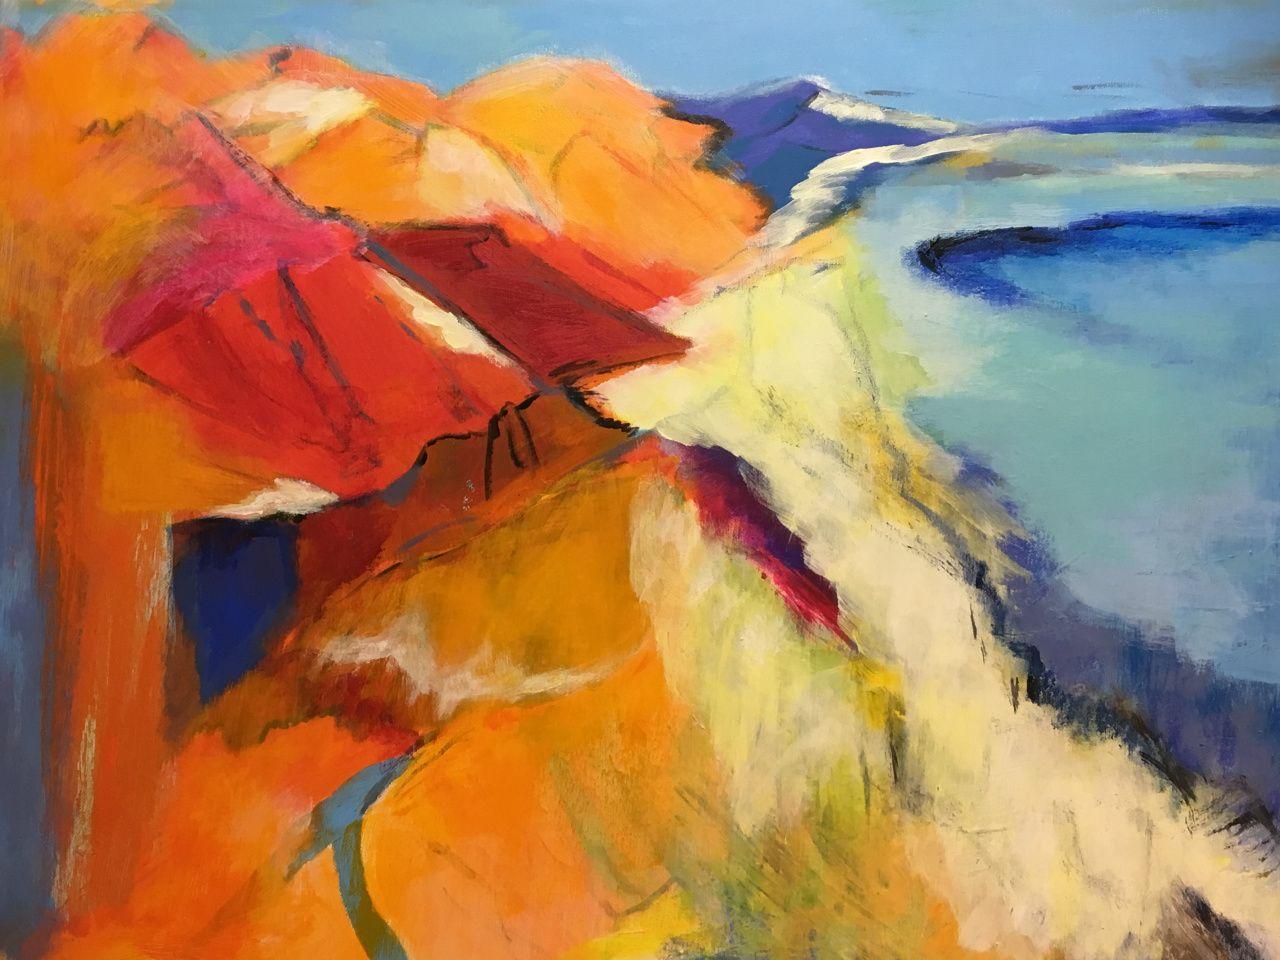 Her ser du et udvalg af de malerier, jeg har til salg. Du er altid velkommen til at kontakte mig for et uforpligtende besøg i mit galleri og/eller for at høre om gode tilbud  Farver og beskæringer på de viste fotos kan afvige fra det virkelige maleri - malerierne skal ses i virkeligheden  K...